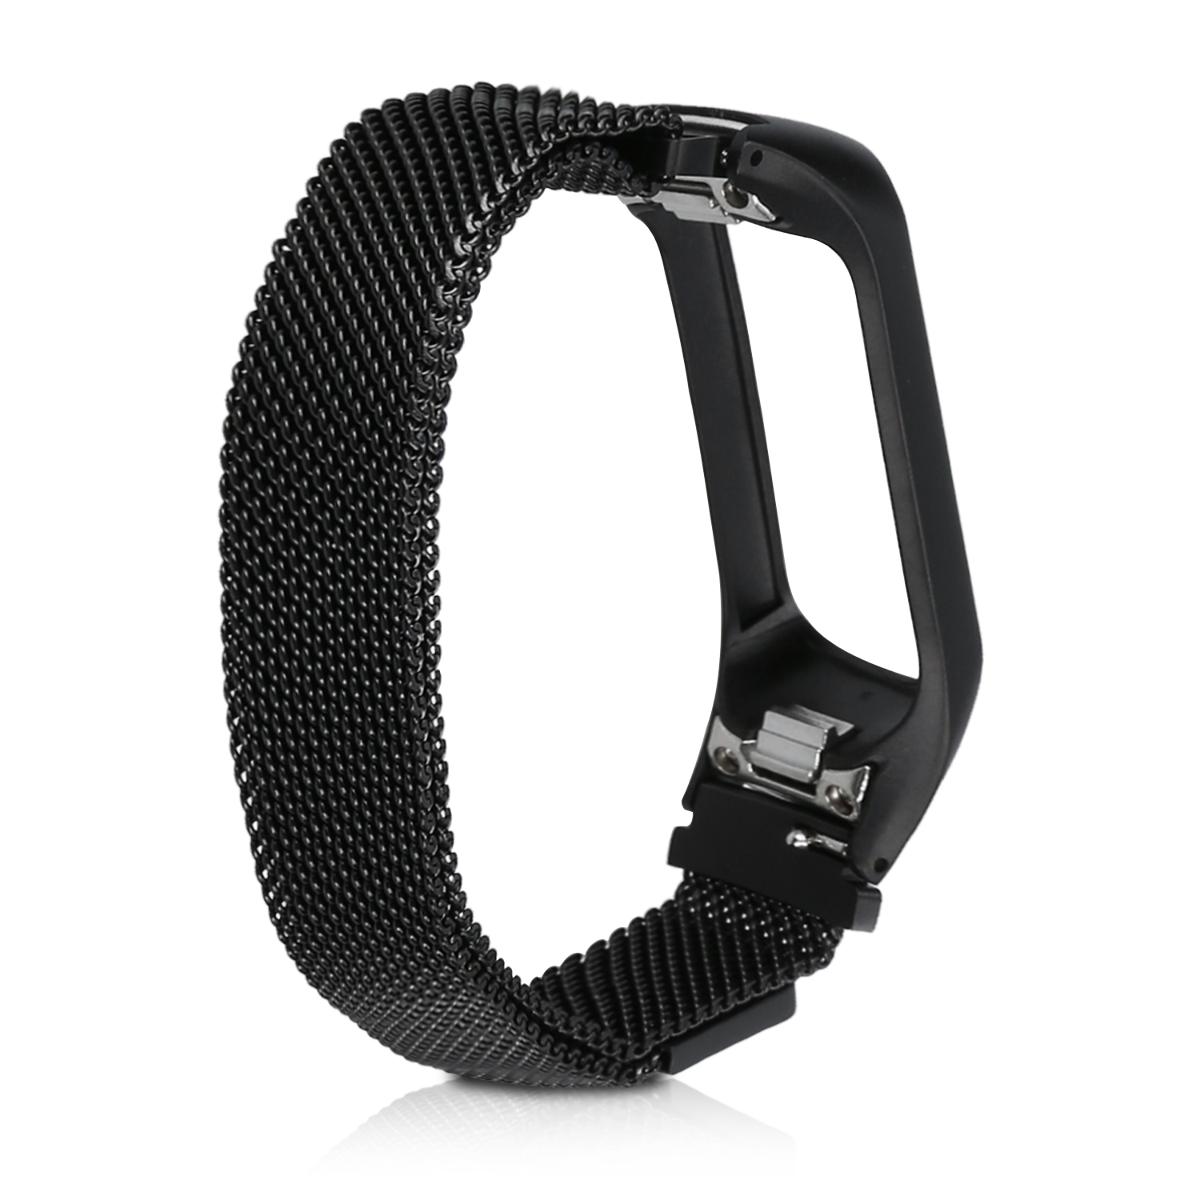 Černý pásek z nerezové oceli s magnetickým zapínáním pro Samsung Galaxy Fit e